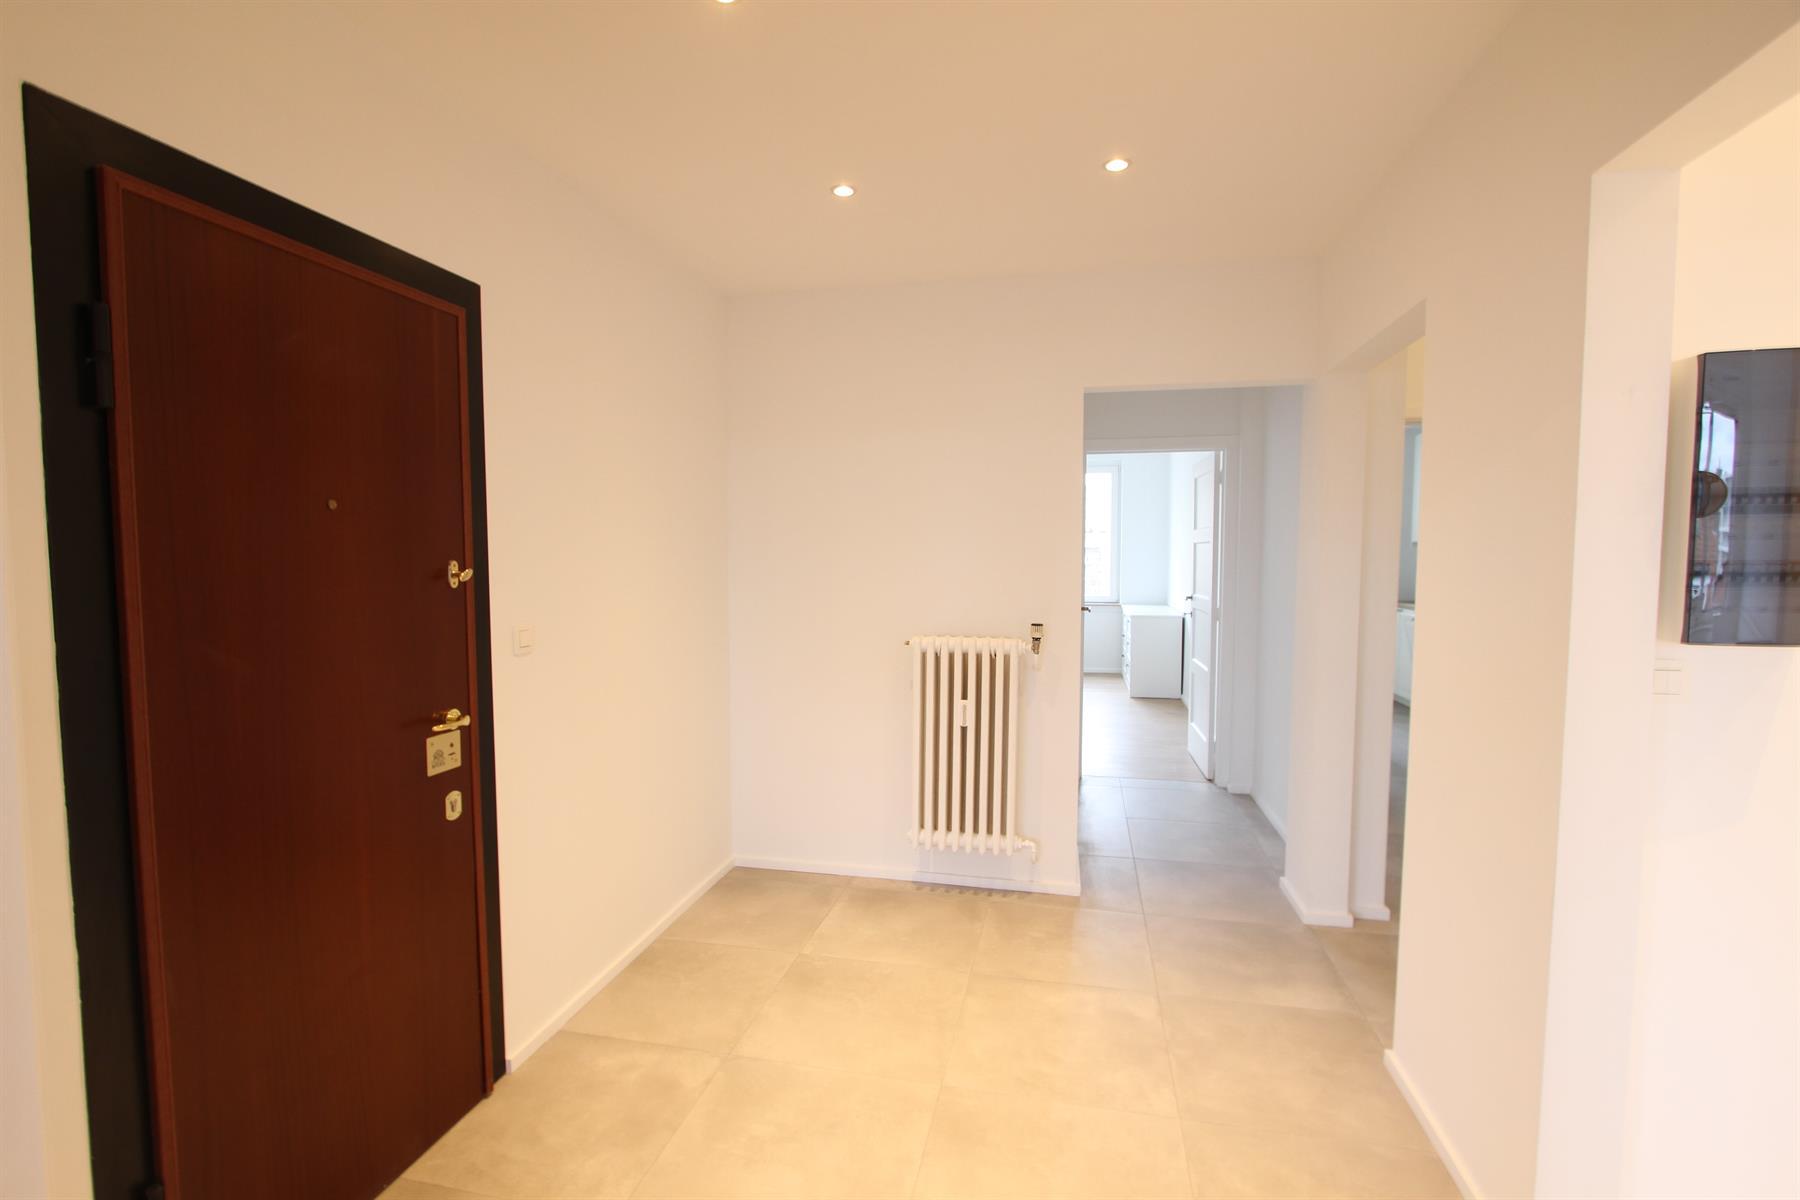 Appartement - Ixelles - #3973978-4